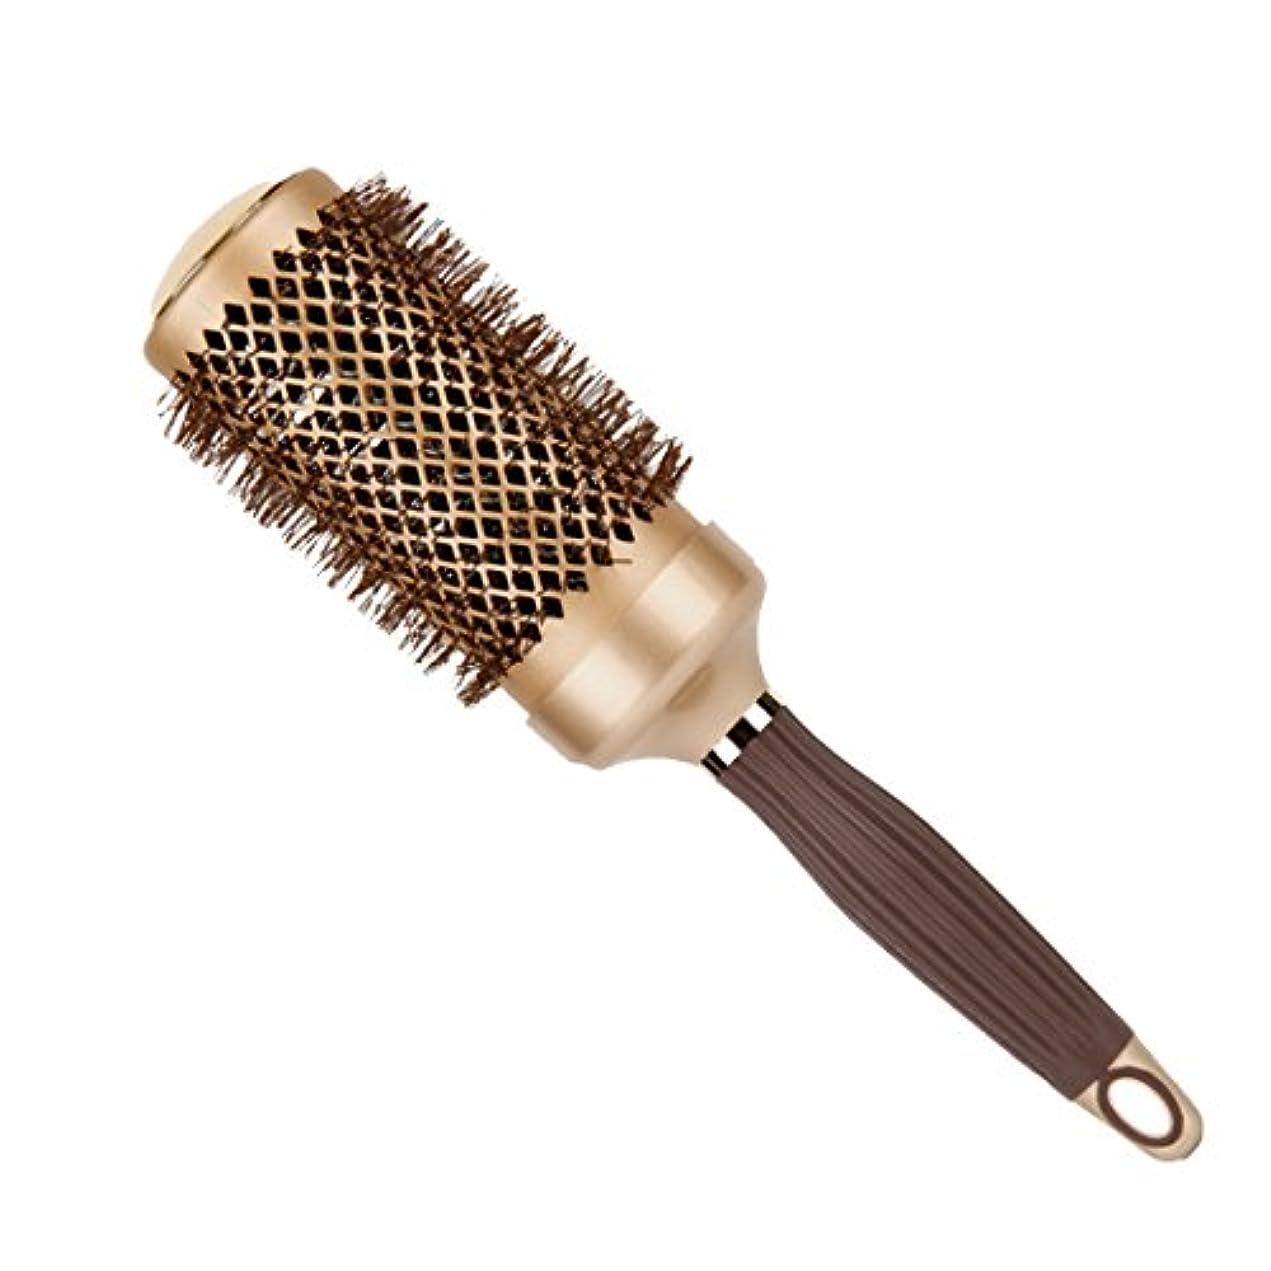 祝福条約差ヘアブラシ メンズ レディース ロールブラシ ナイロン 耐熱 ゴージャス風 ゴールド カール 巻き髪に ブローブラシ 静電気防止 ヘアスタイリング 大きい ヘアーブラシ 美容師 ヘアケア ブラシ 美髪器具